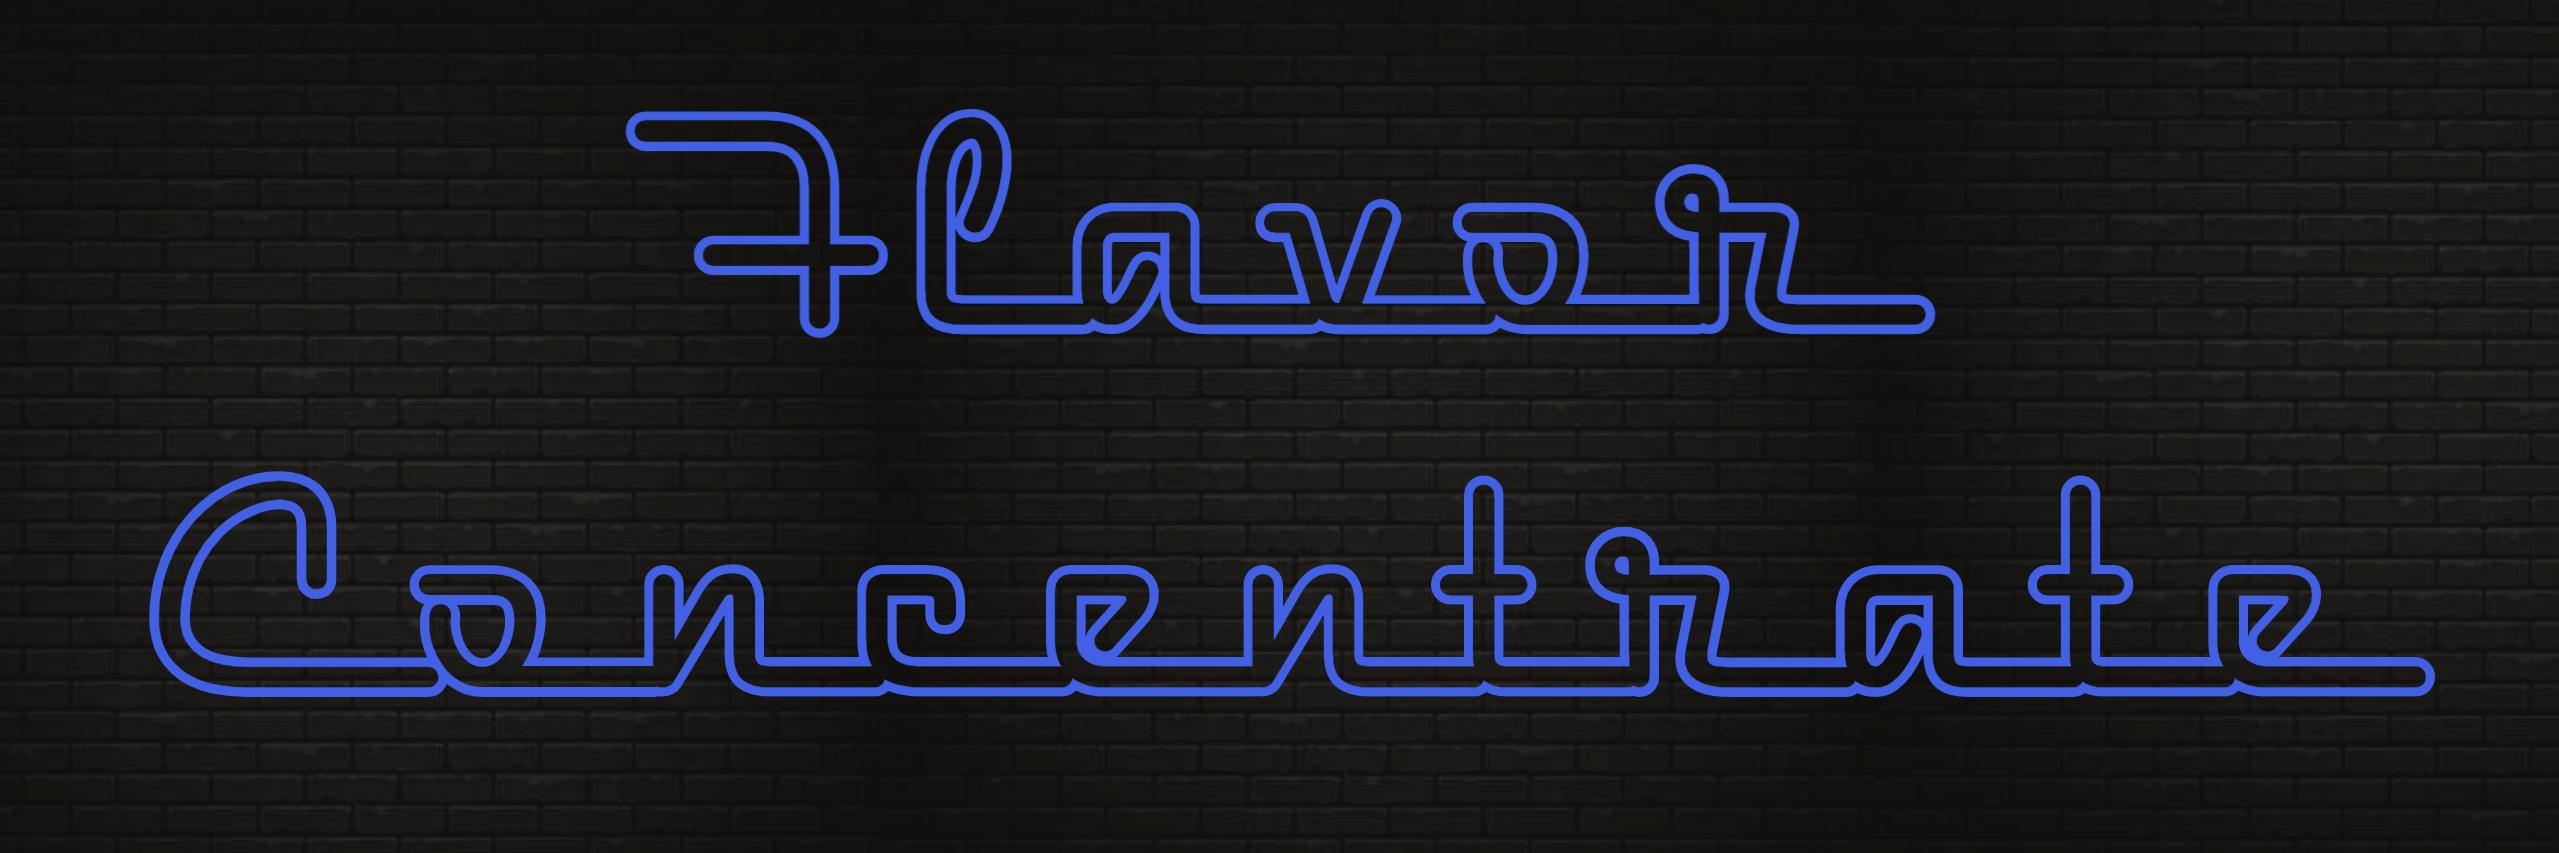 flavorconcentratebanner.png